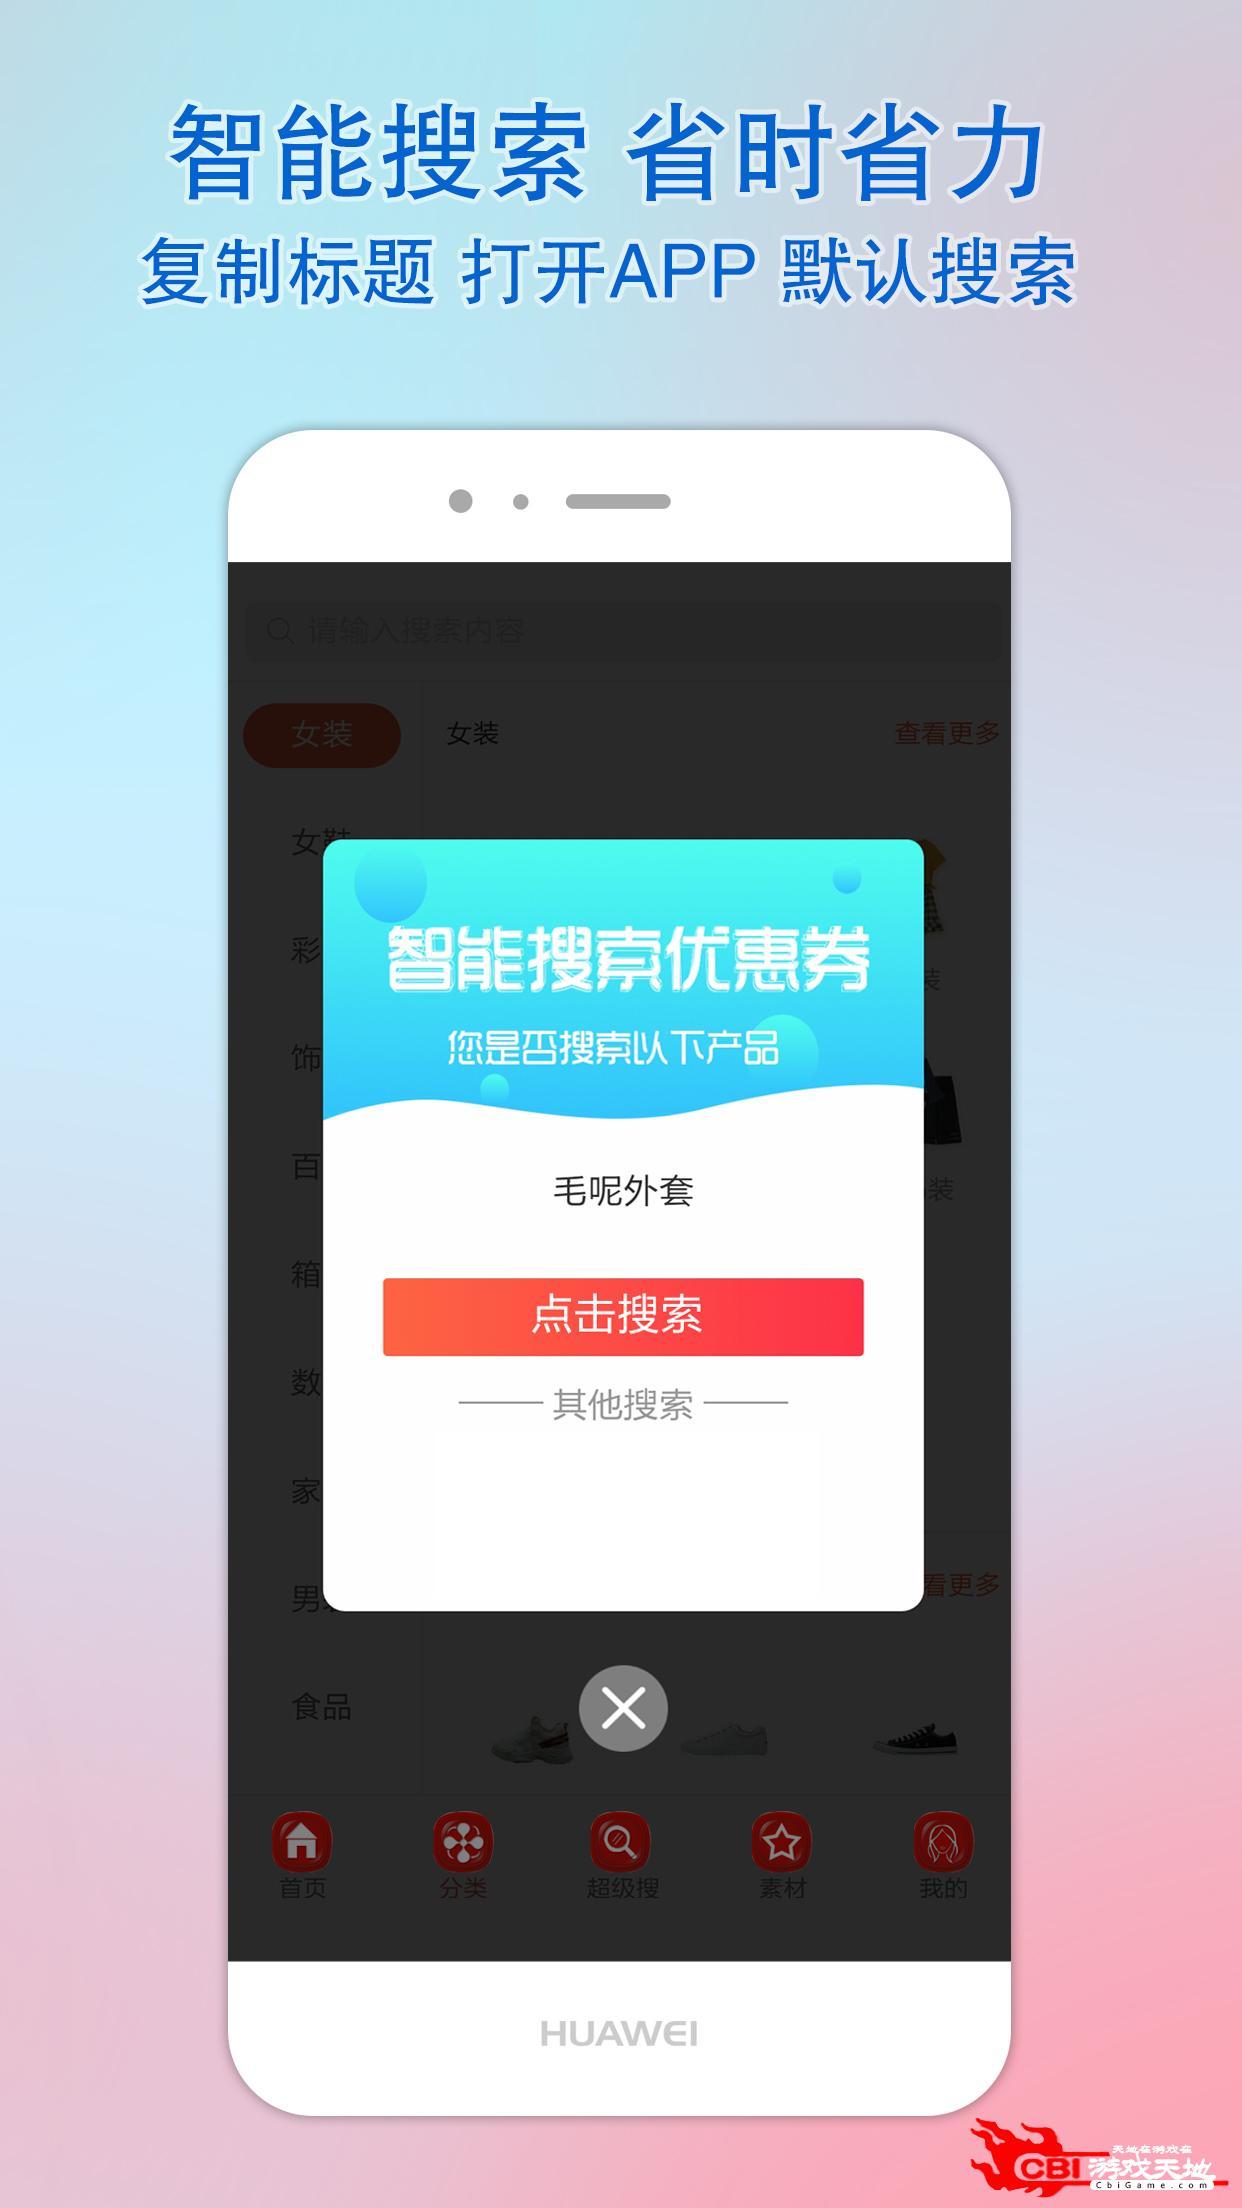 乐惠佳购物平台图2